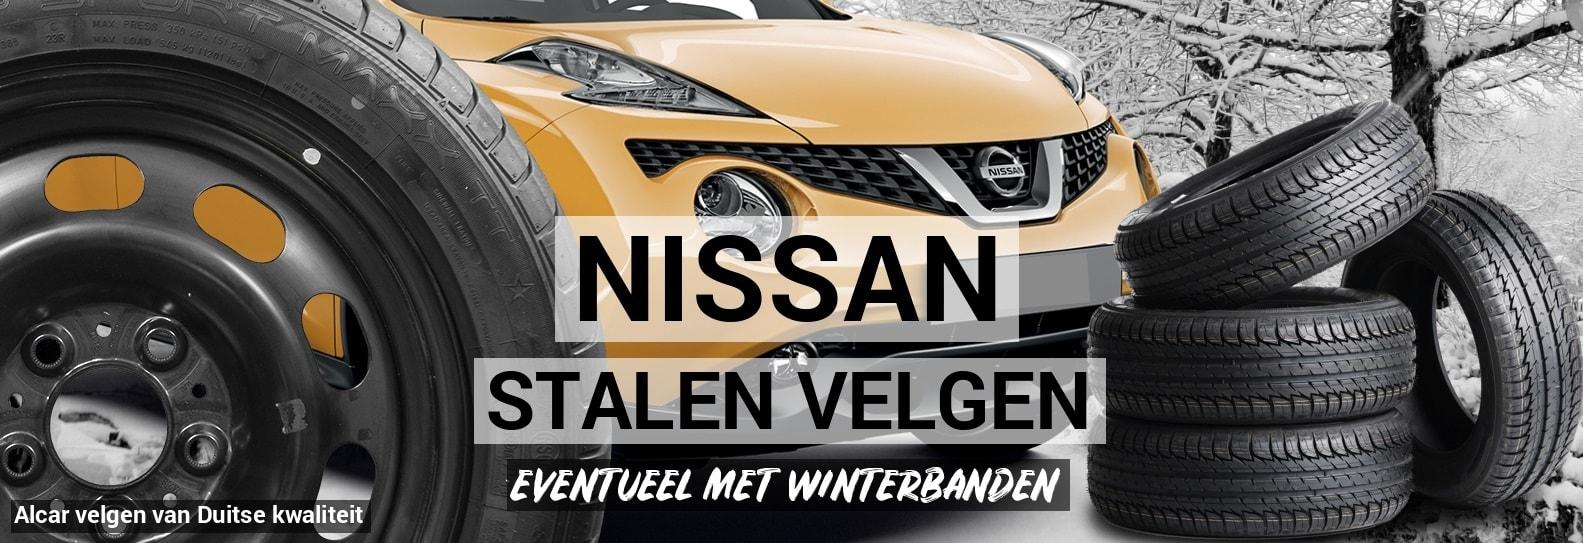 Stalen Velgen Nissan Autobanden Prijsvechter Online